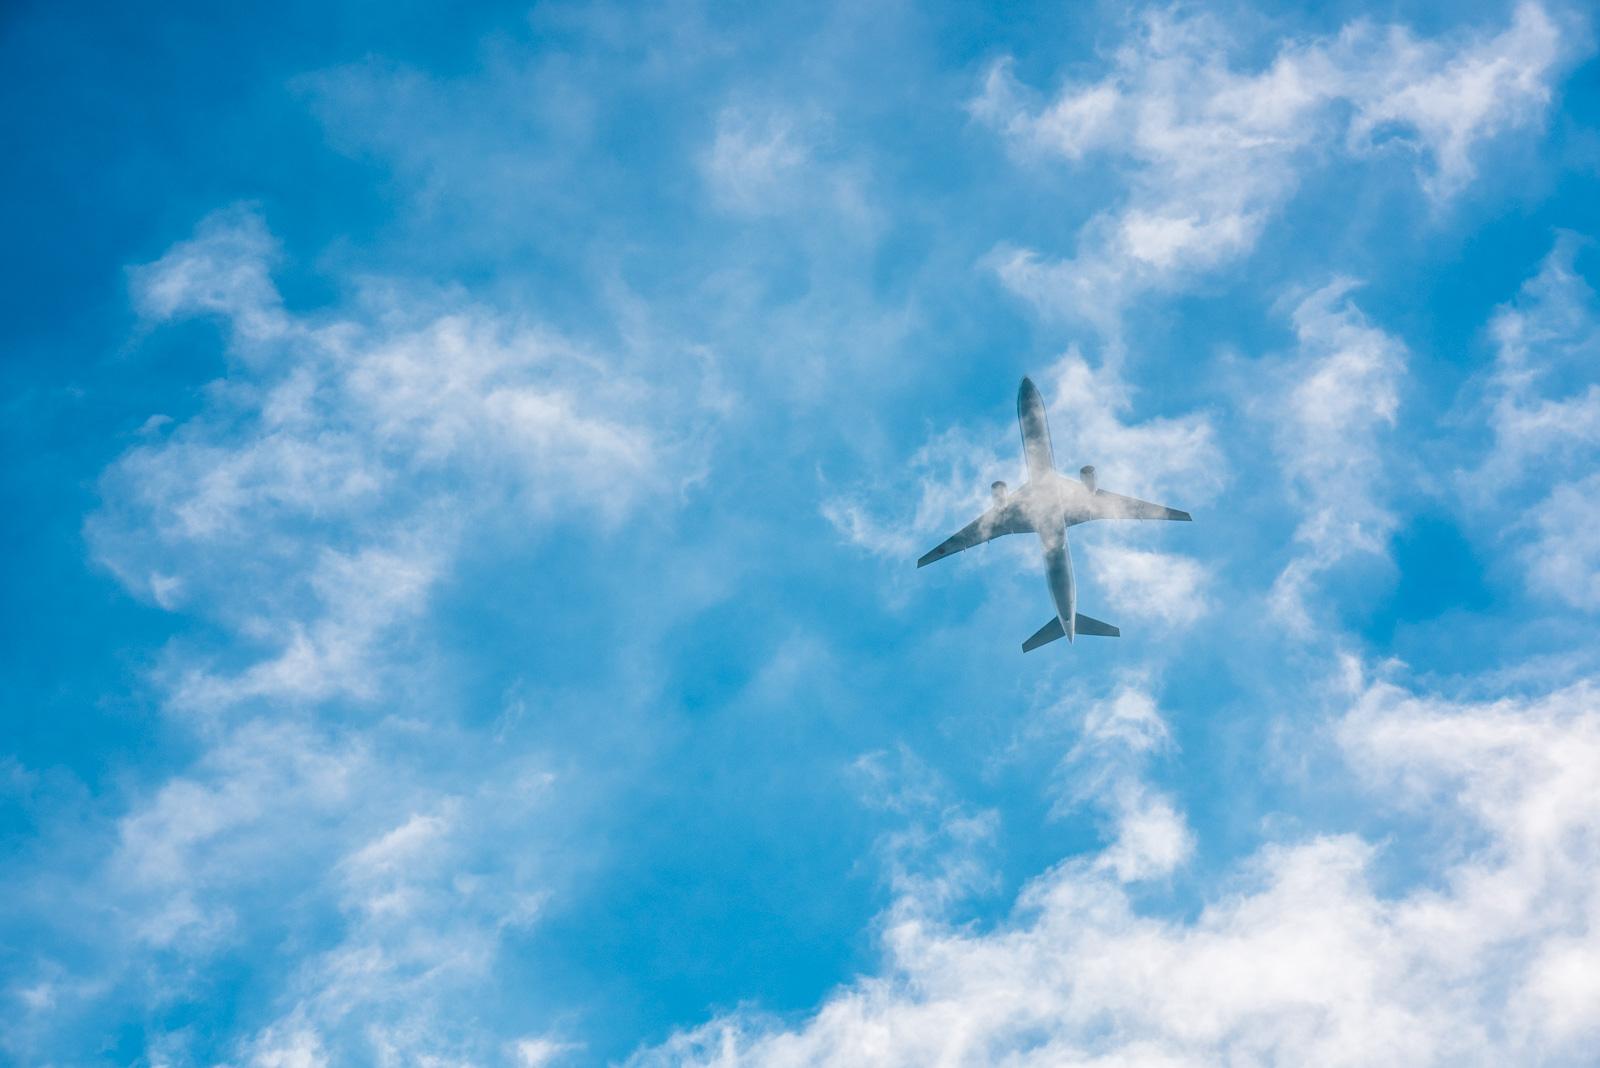 羽田周辺で飛行機を撮影してみる/若洲海浜公園:東京ゲートブリッジも狙いたくて